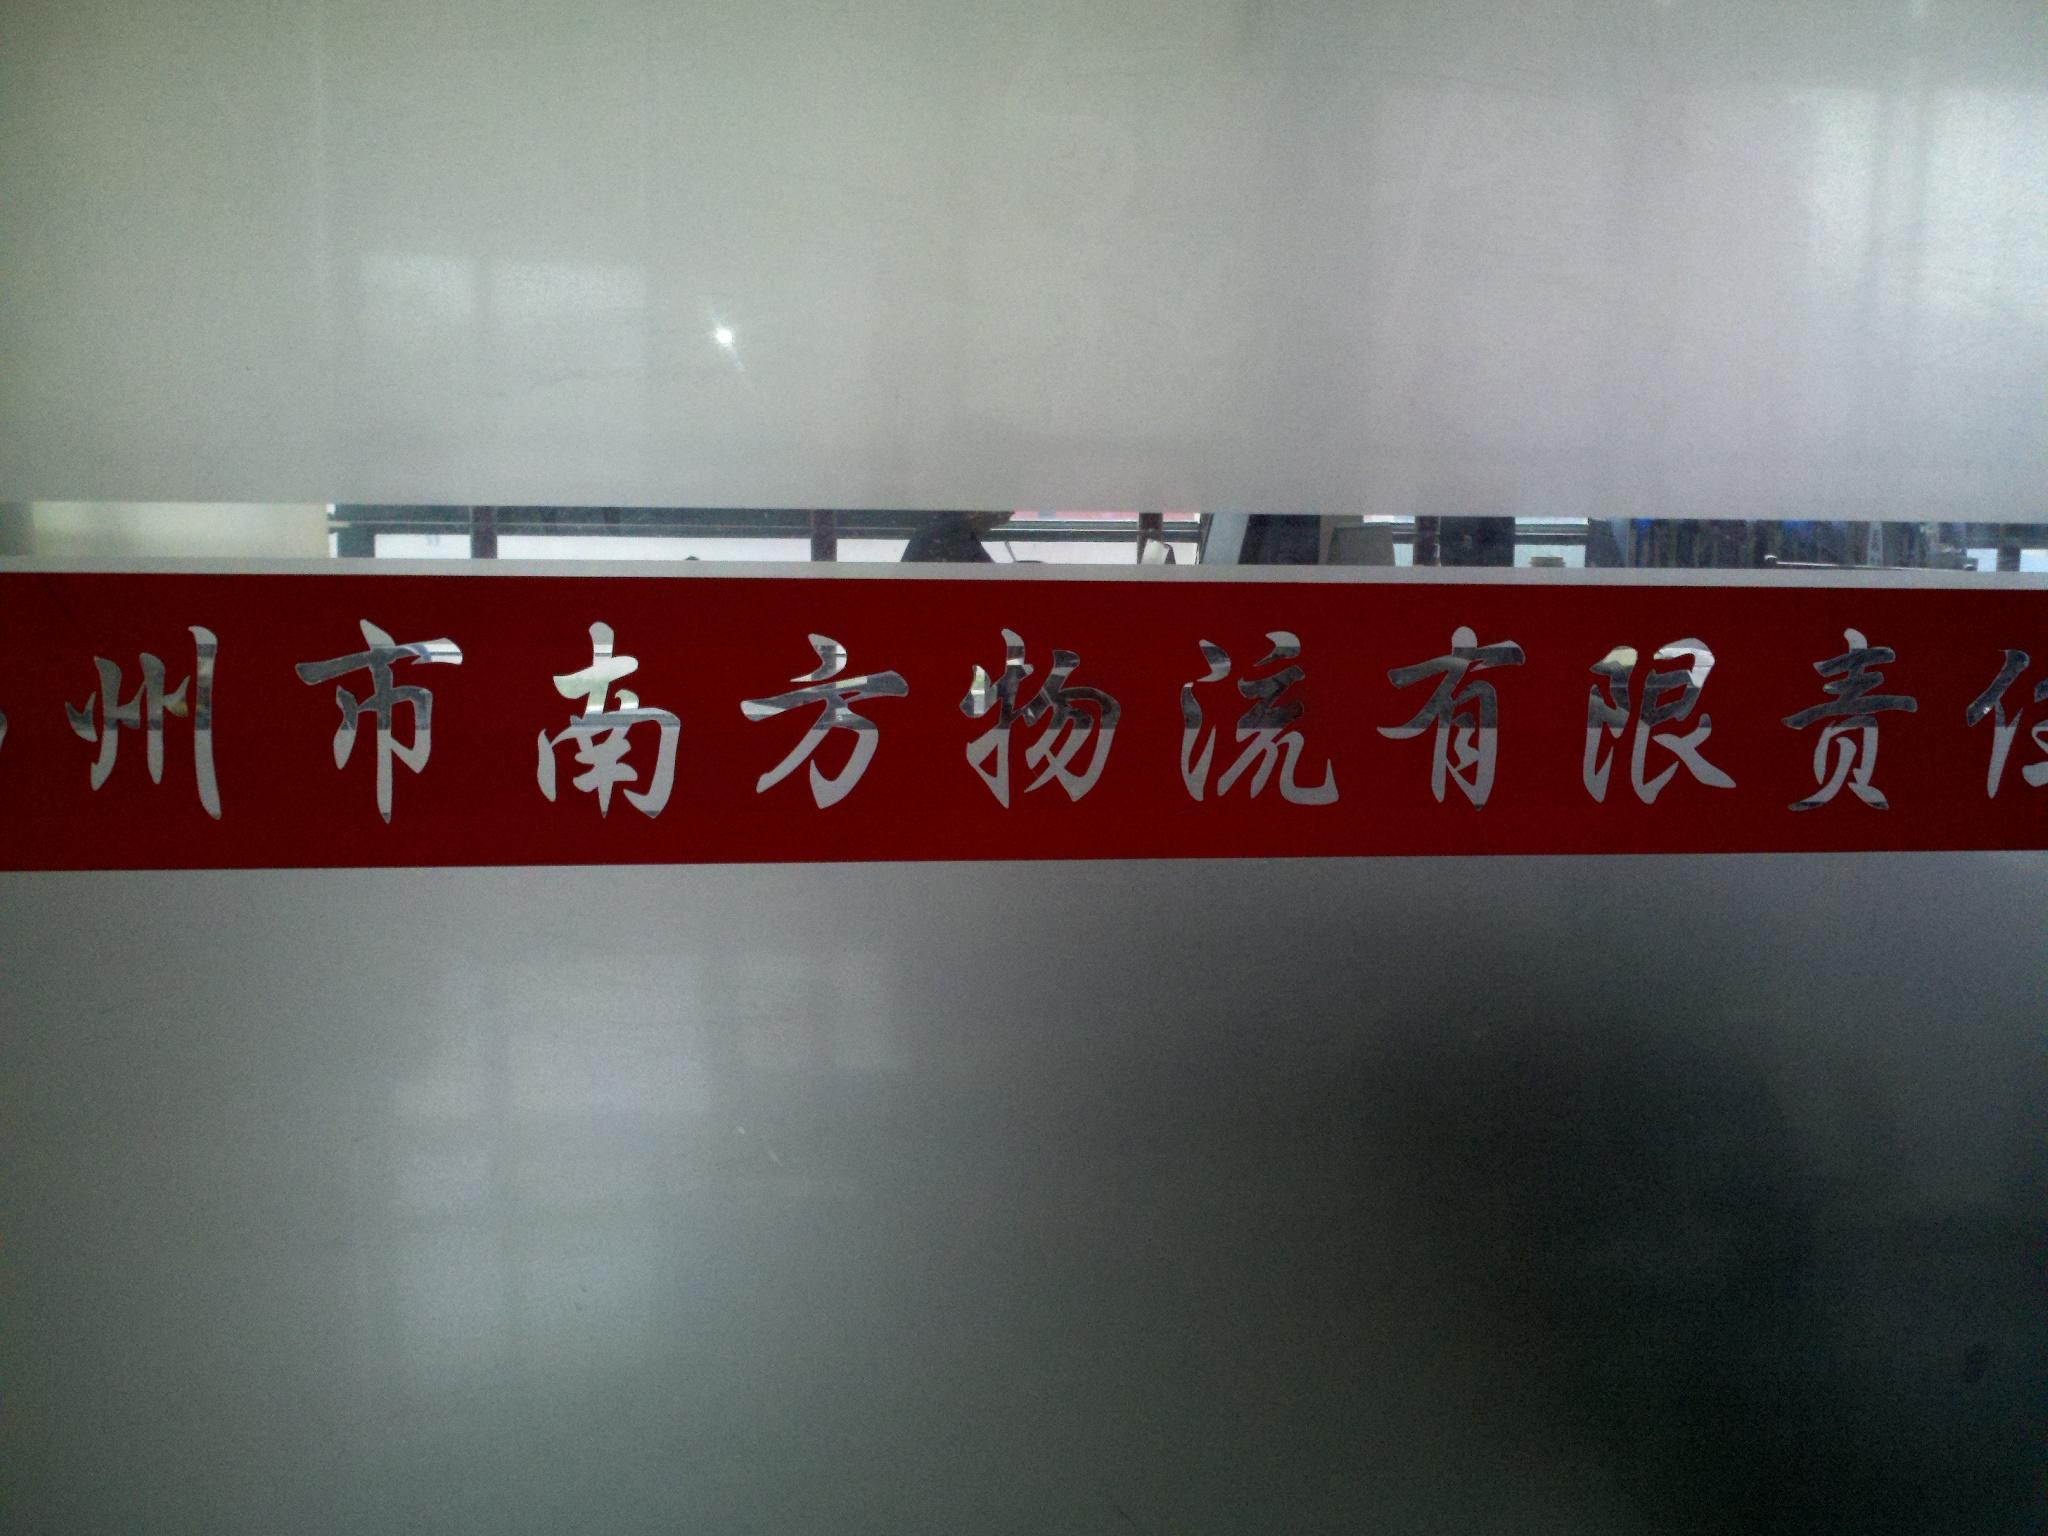 扬州市南方物流有限责任公司